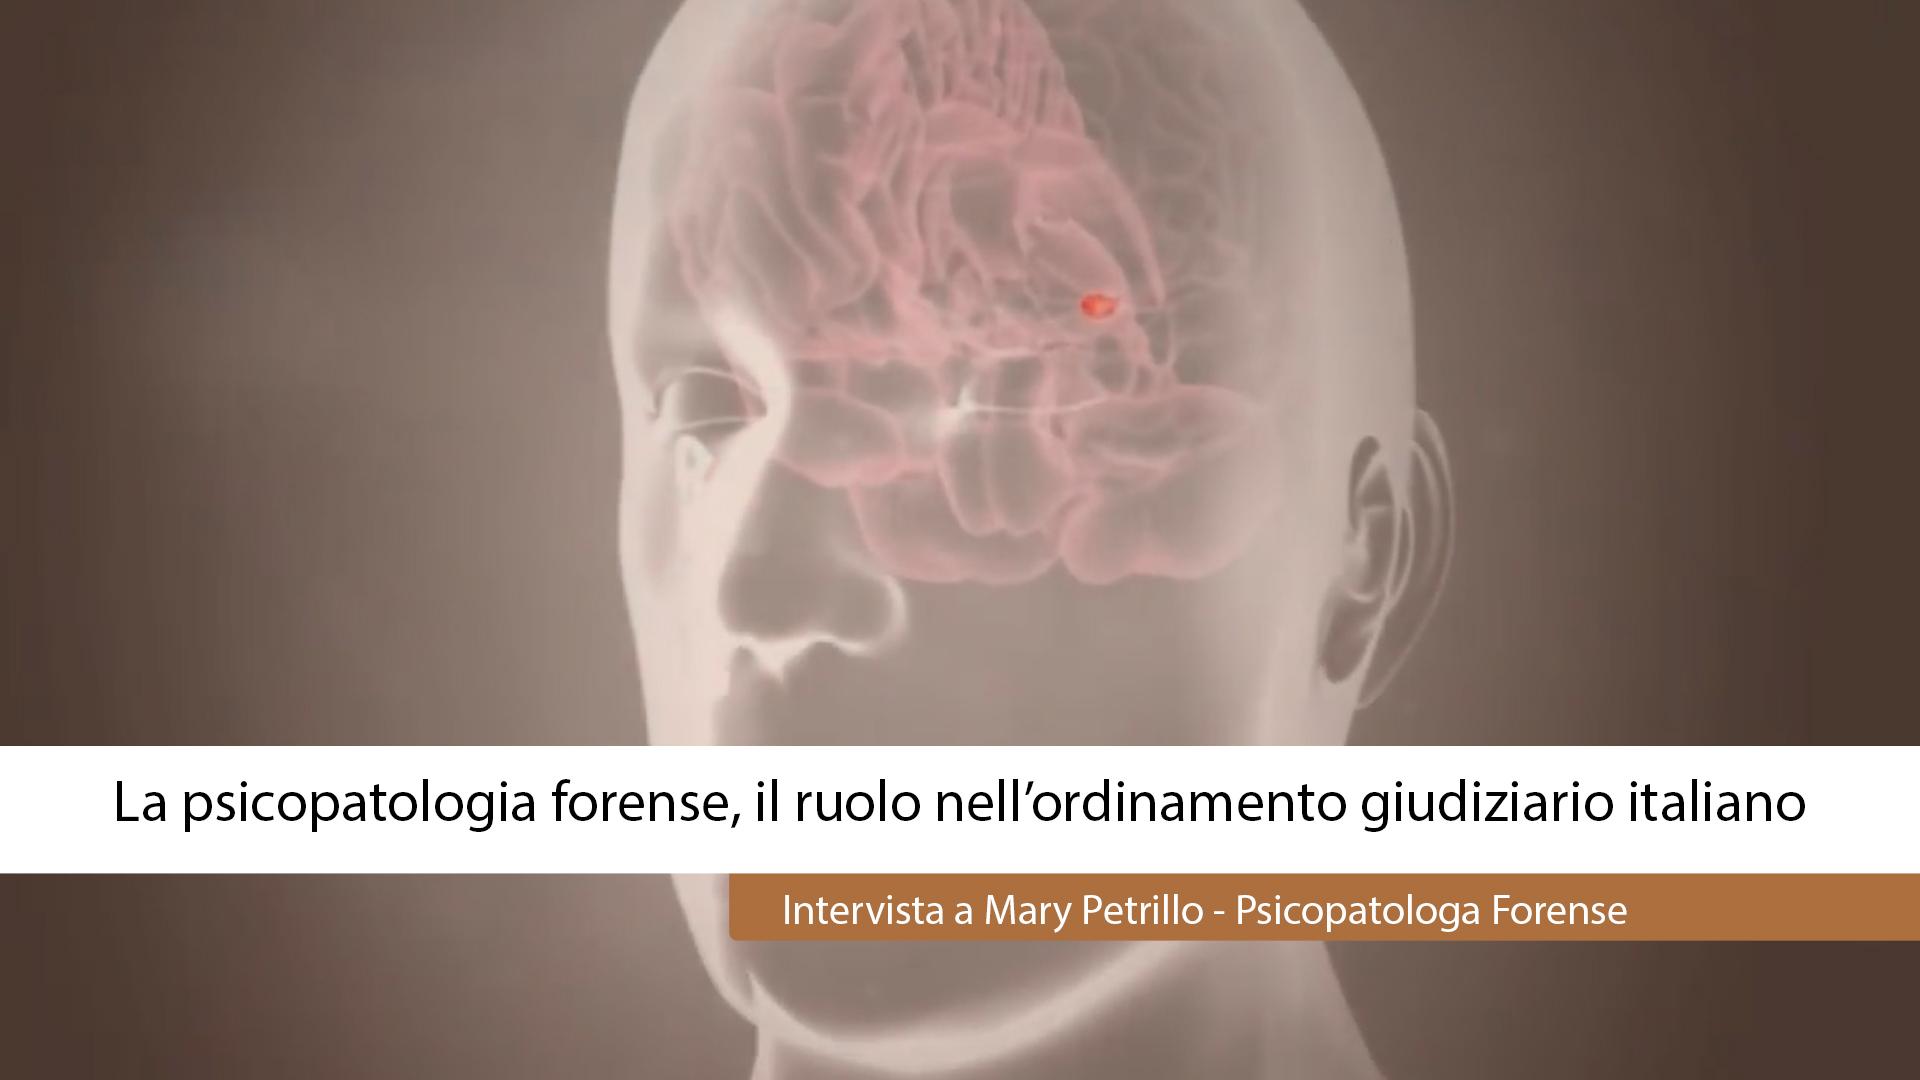 PSICOPATOLOGIA FORENSE, IL RUOLO NELL'ORDINAMENTO GIUDIZIARIO ITALIANO